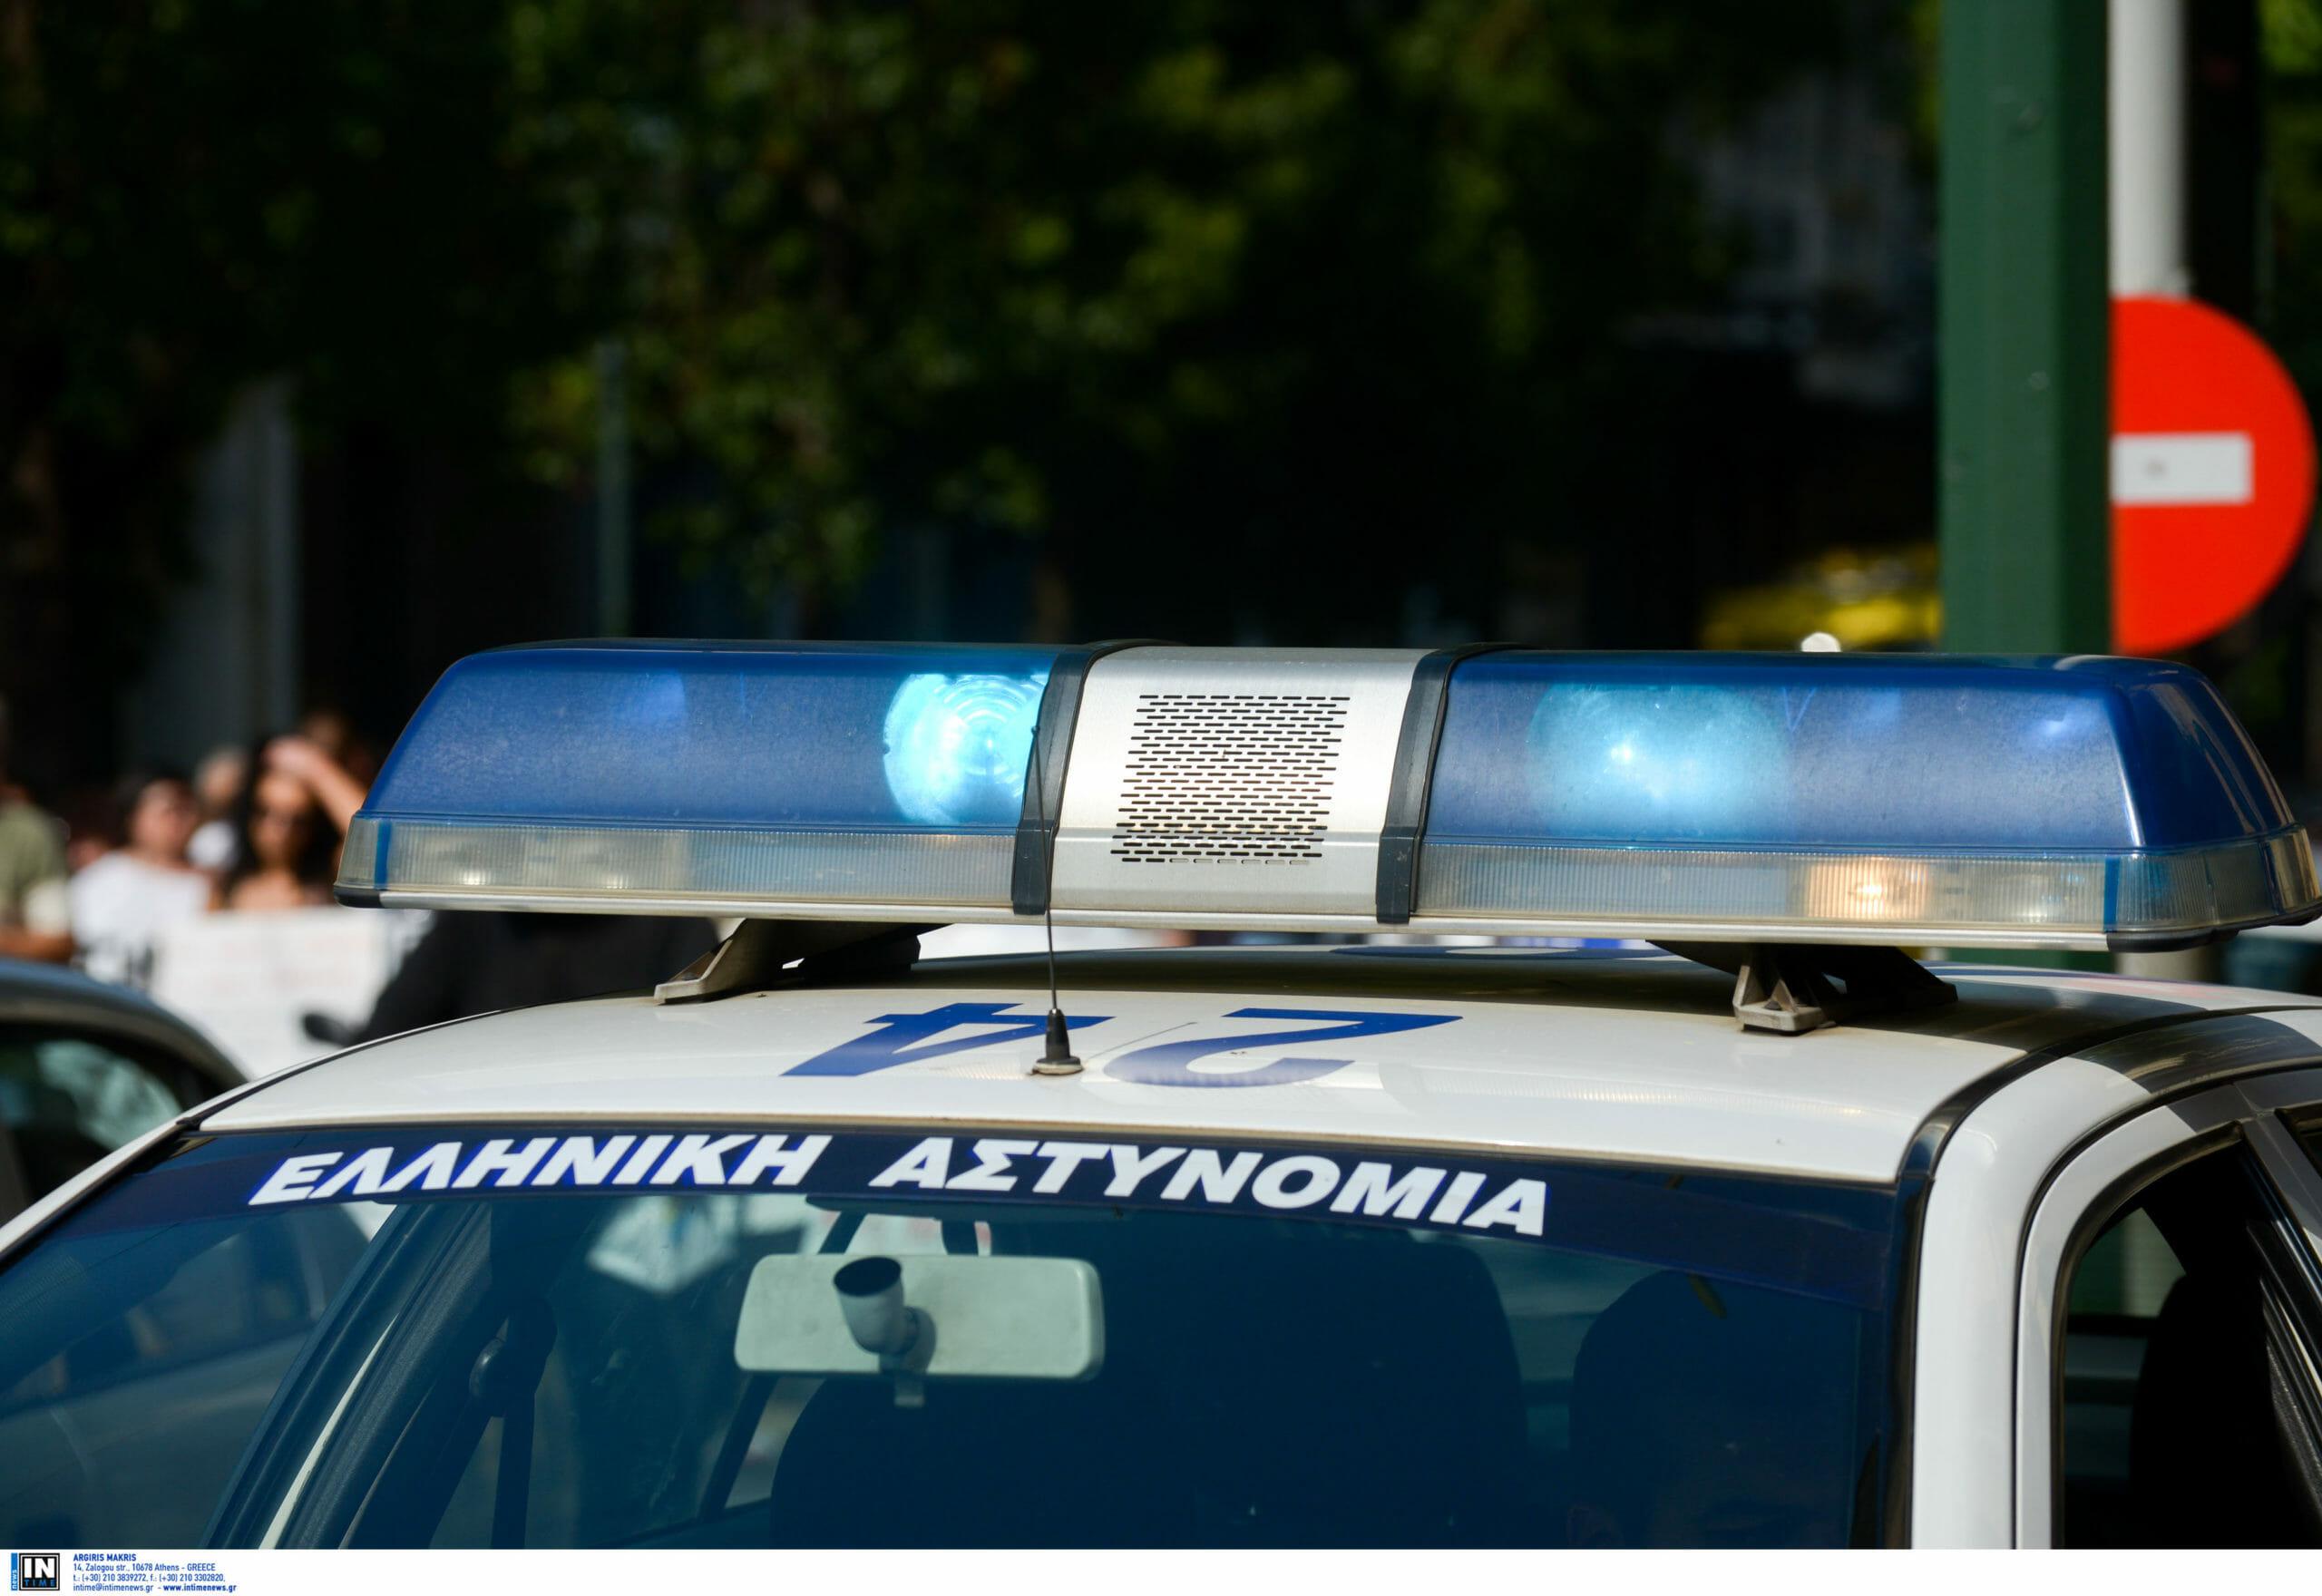 Θεσσαλονίκη: Συνελήφθη 84χρονος για απόπειρα παρενόχλησης ανήλικης